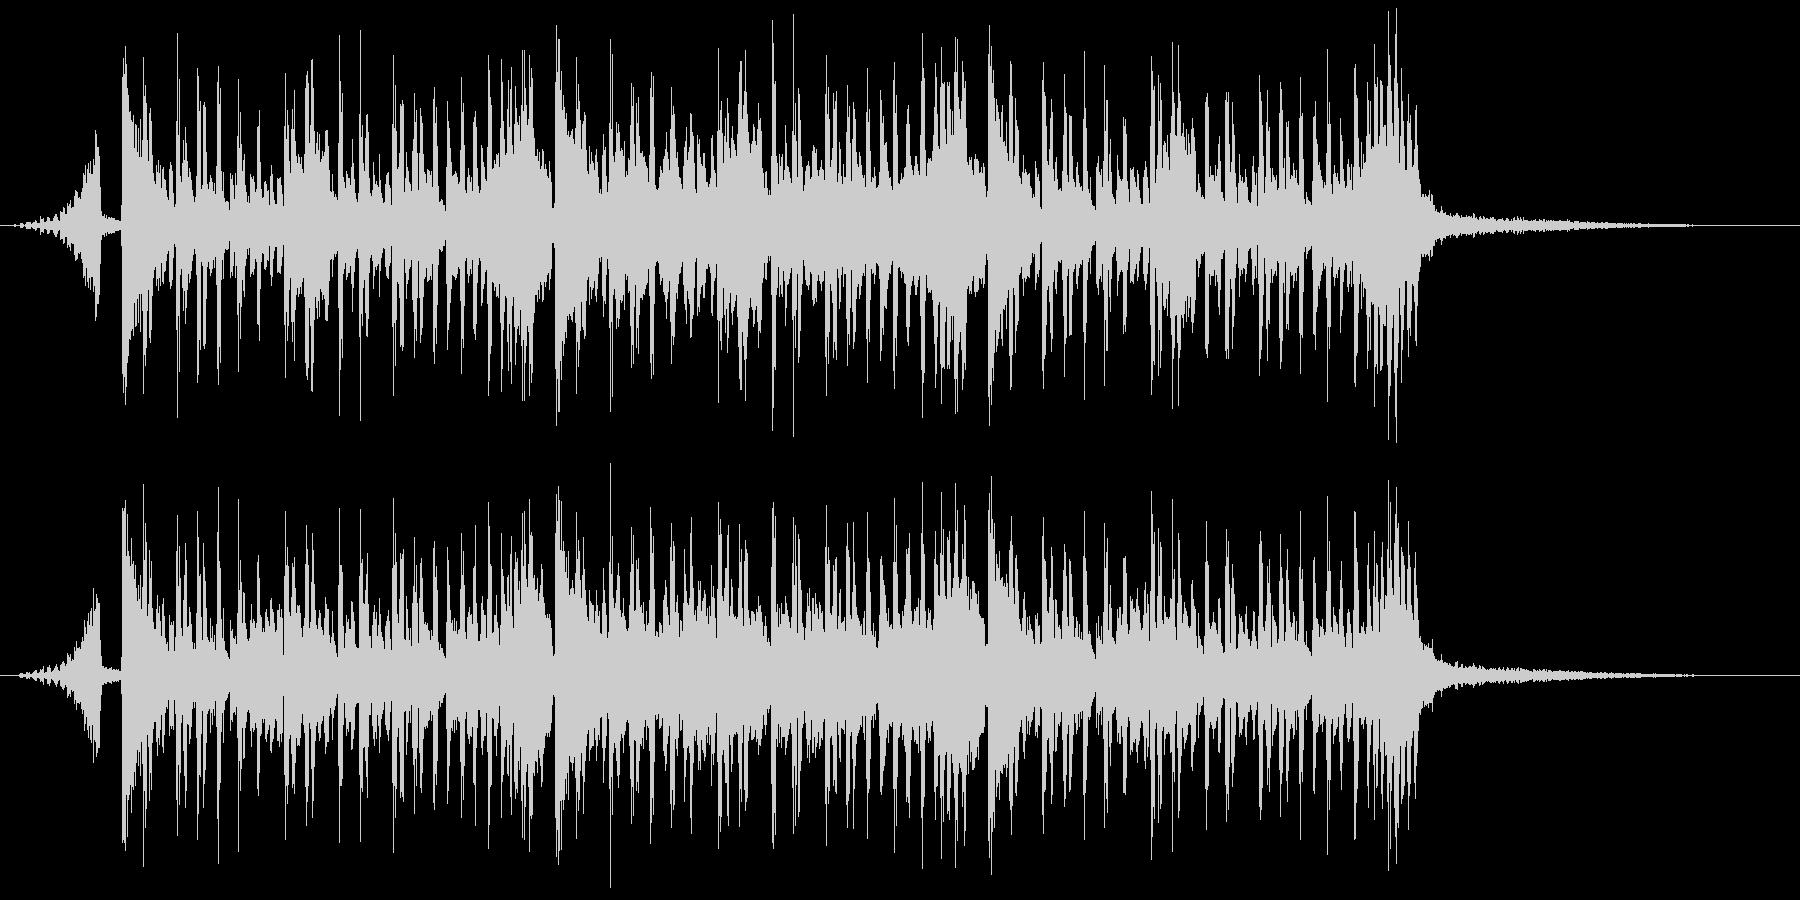 シンキング・タイム(メロ無し&ショート)の未再生の波形